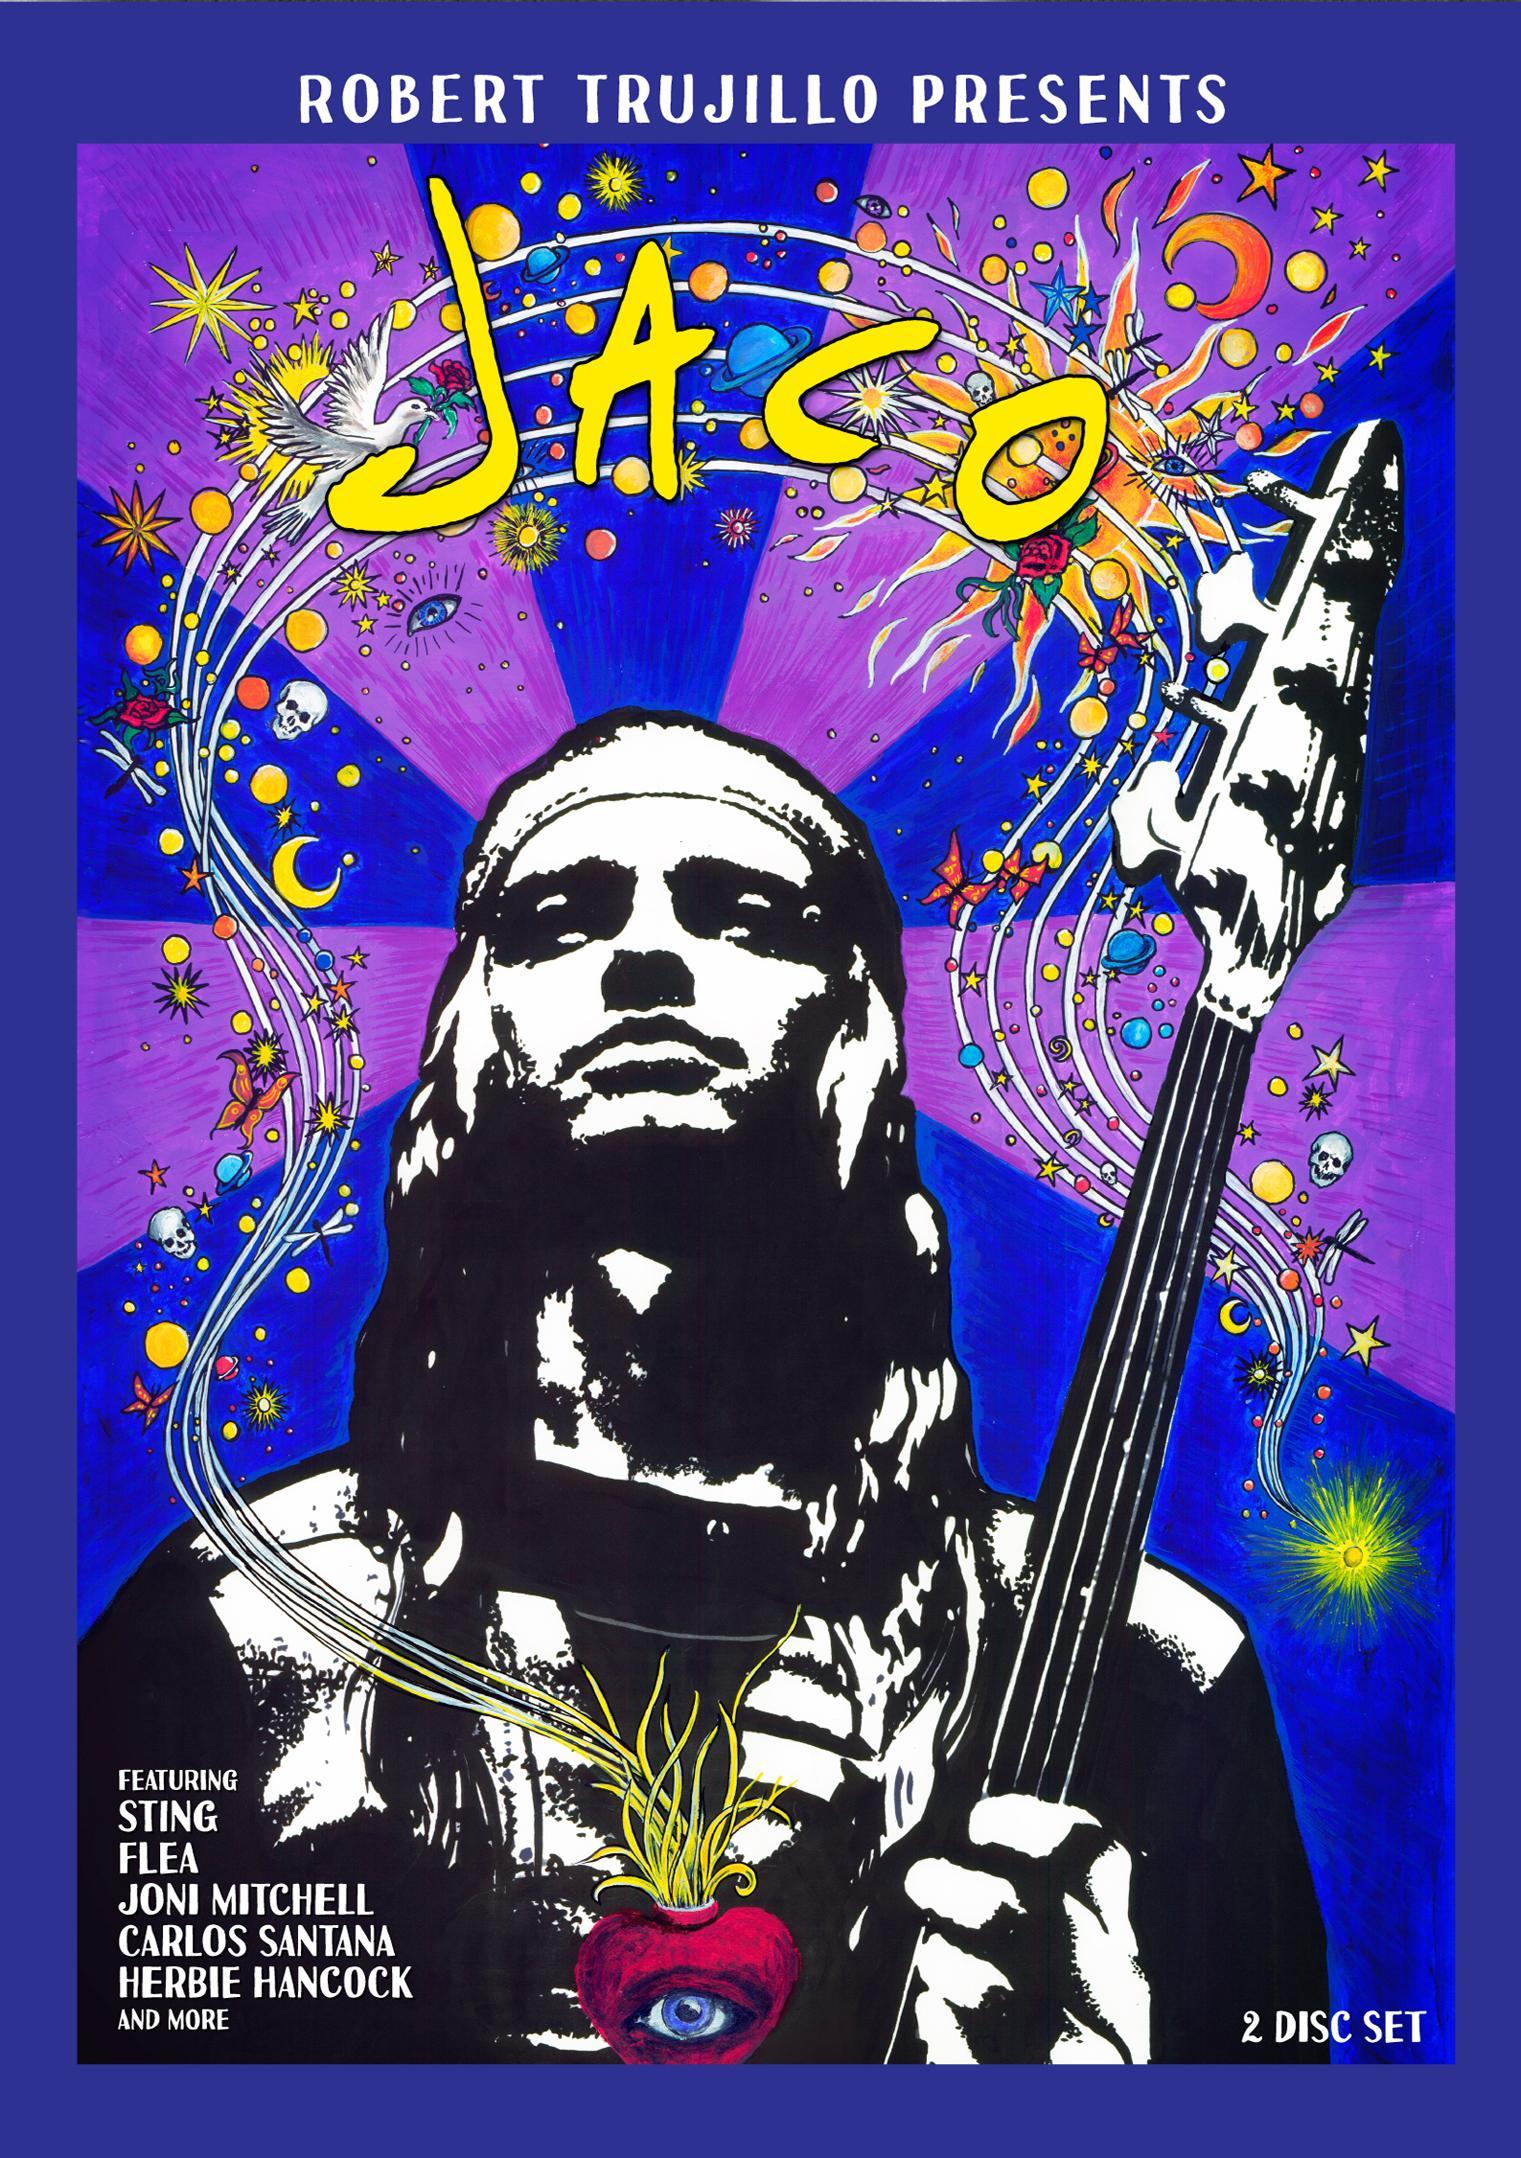 Jaco pastorius jaco dvd leeways home grown music network jaco pastorius jaco dvd stopboris Choice Image